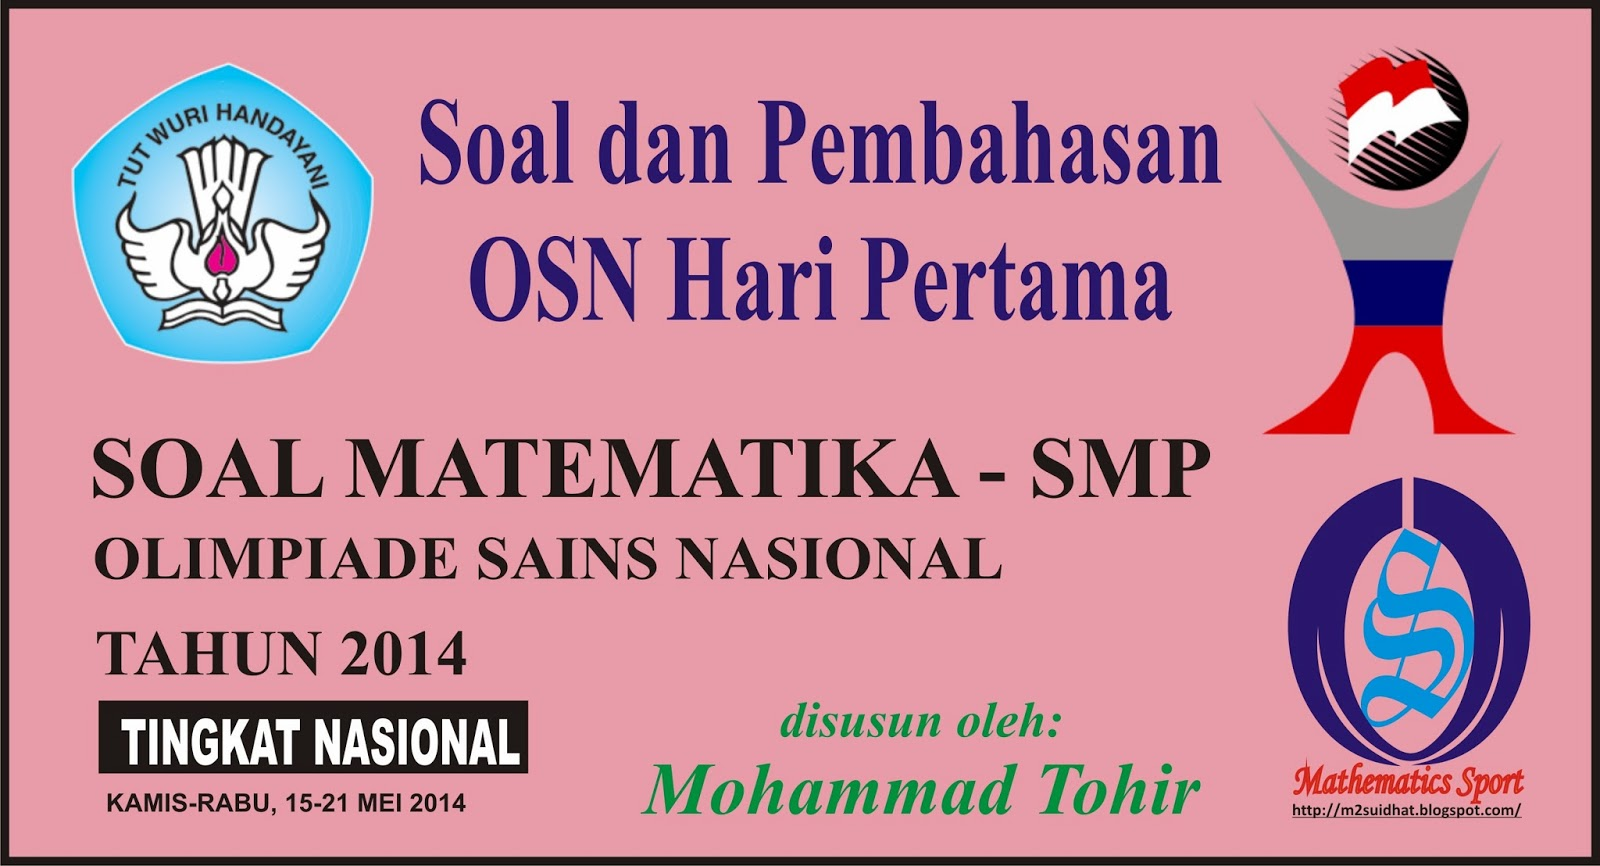 Rpp Bahasa Indonesia Berbasis Kurikulum 2013 Download Rpp Bahasa Indonesia Kurikulum 2013 Slideshare Soal Dan Pembahasan Osn Matematika Smp Tingkat Kabupaten Kota 2014